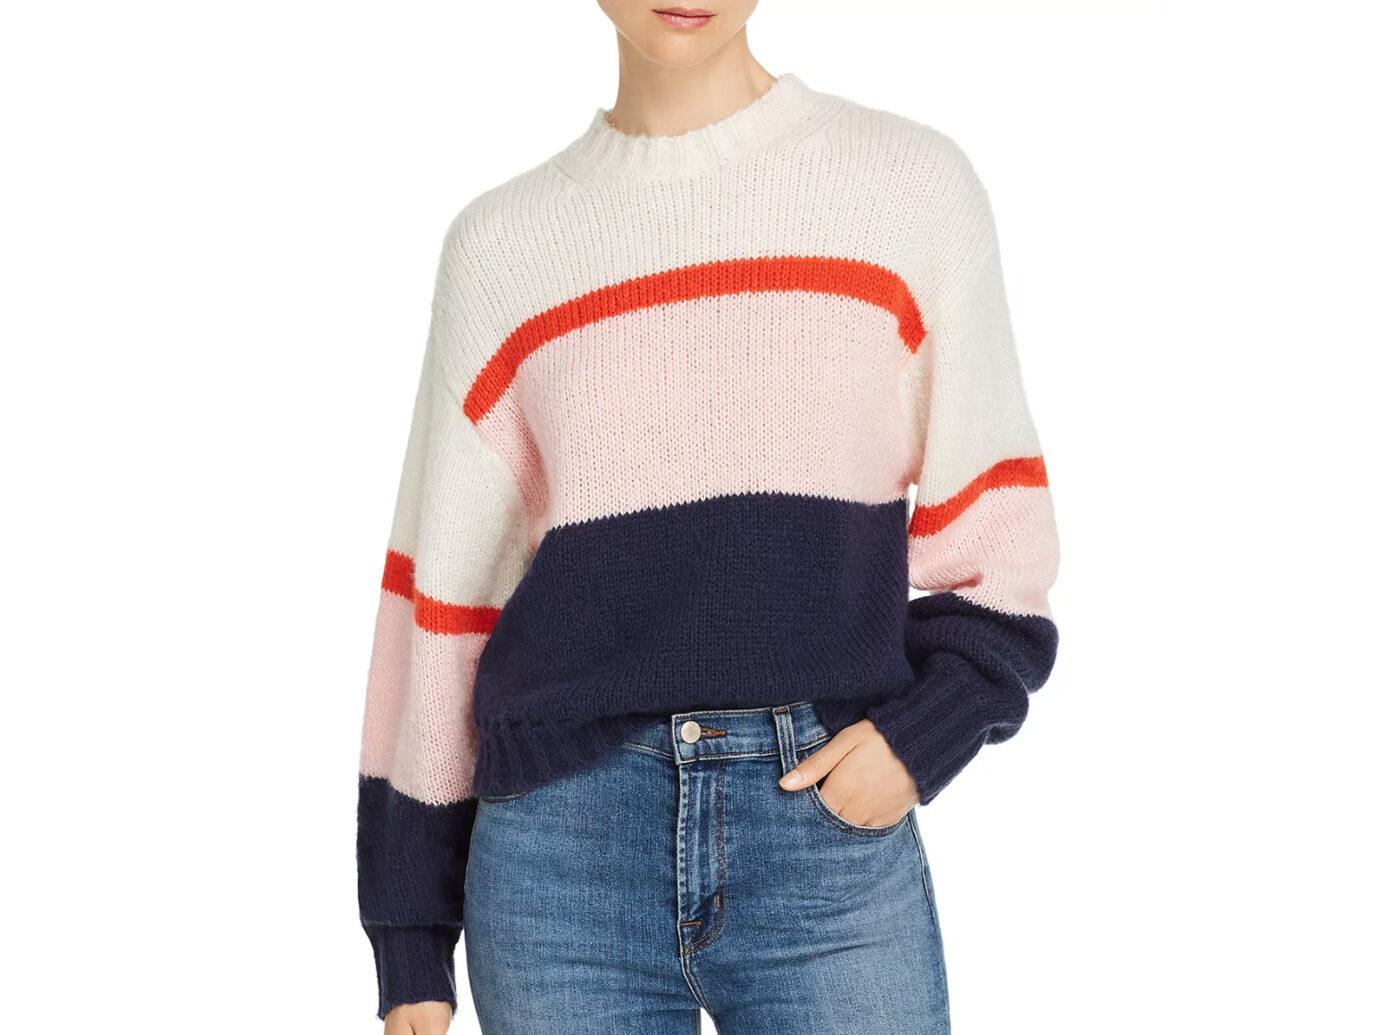 Rebecca Minkoff Liliana Striped & Color-Blocked Sweater